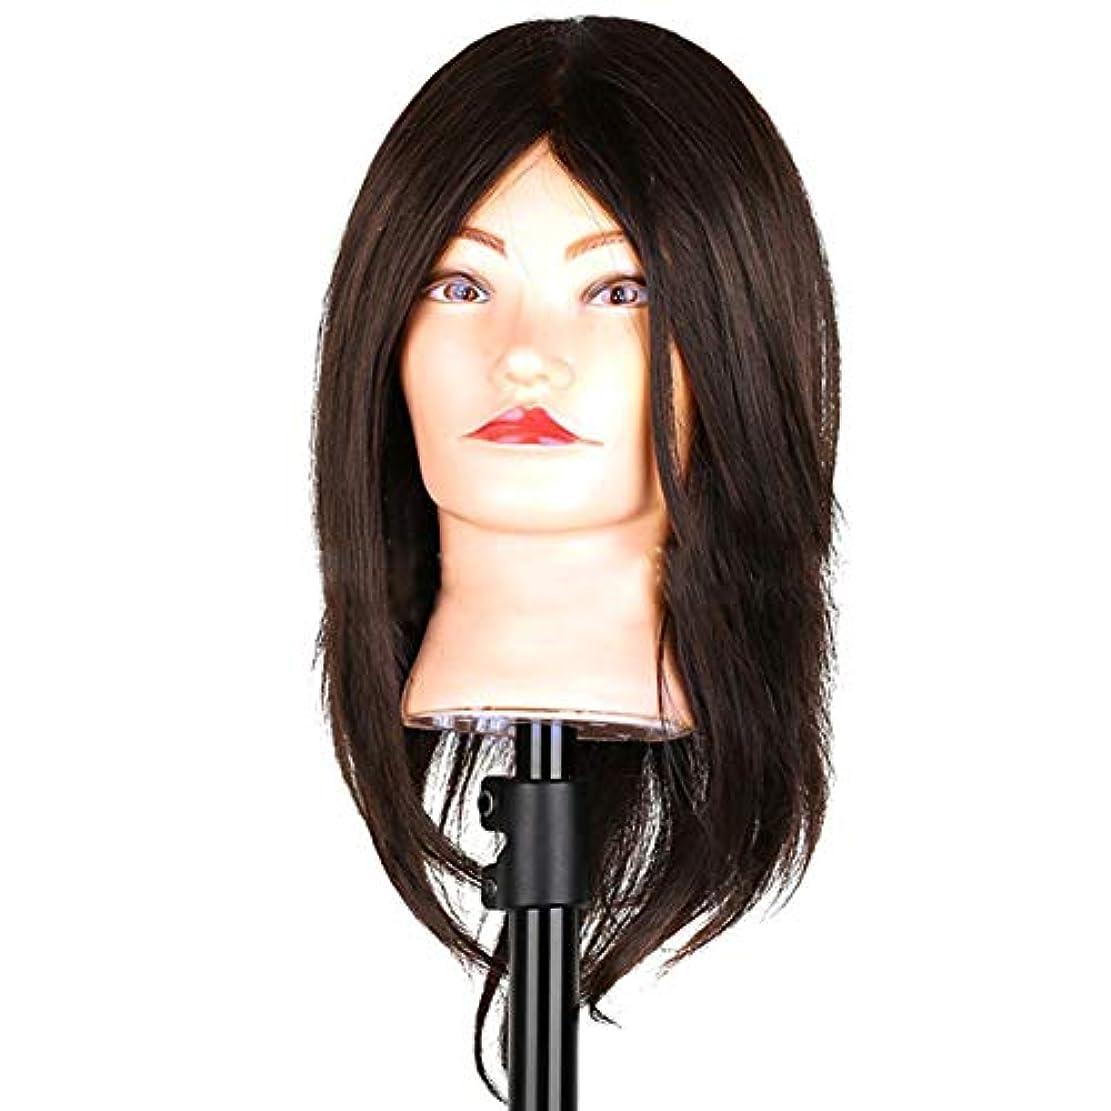 スカーフマークされた想定するヘアマネキンヘッド練習ディスク髪編組ヘッドモデル理髪店学校教育かつらヘッドバンドブラケット